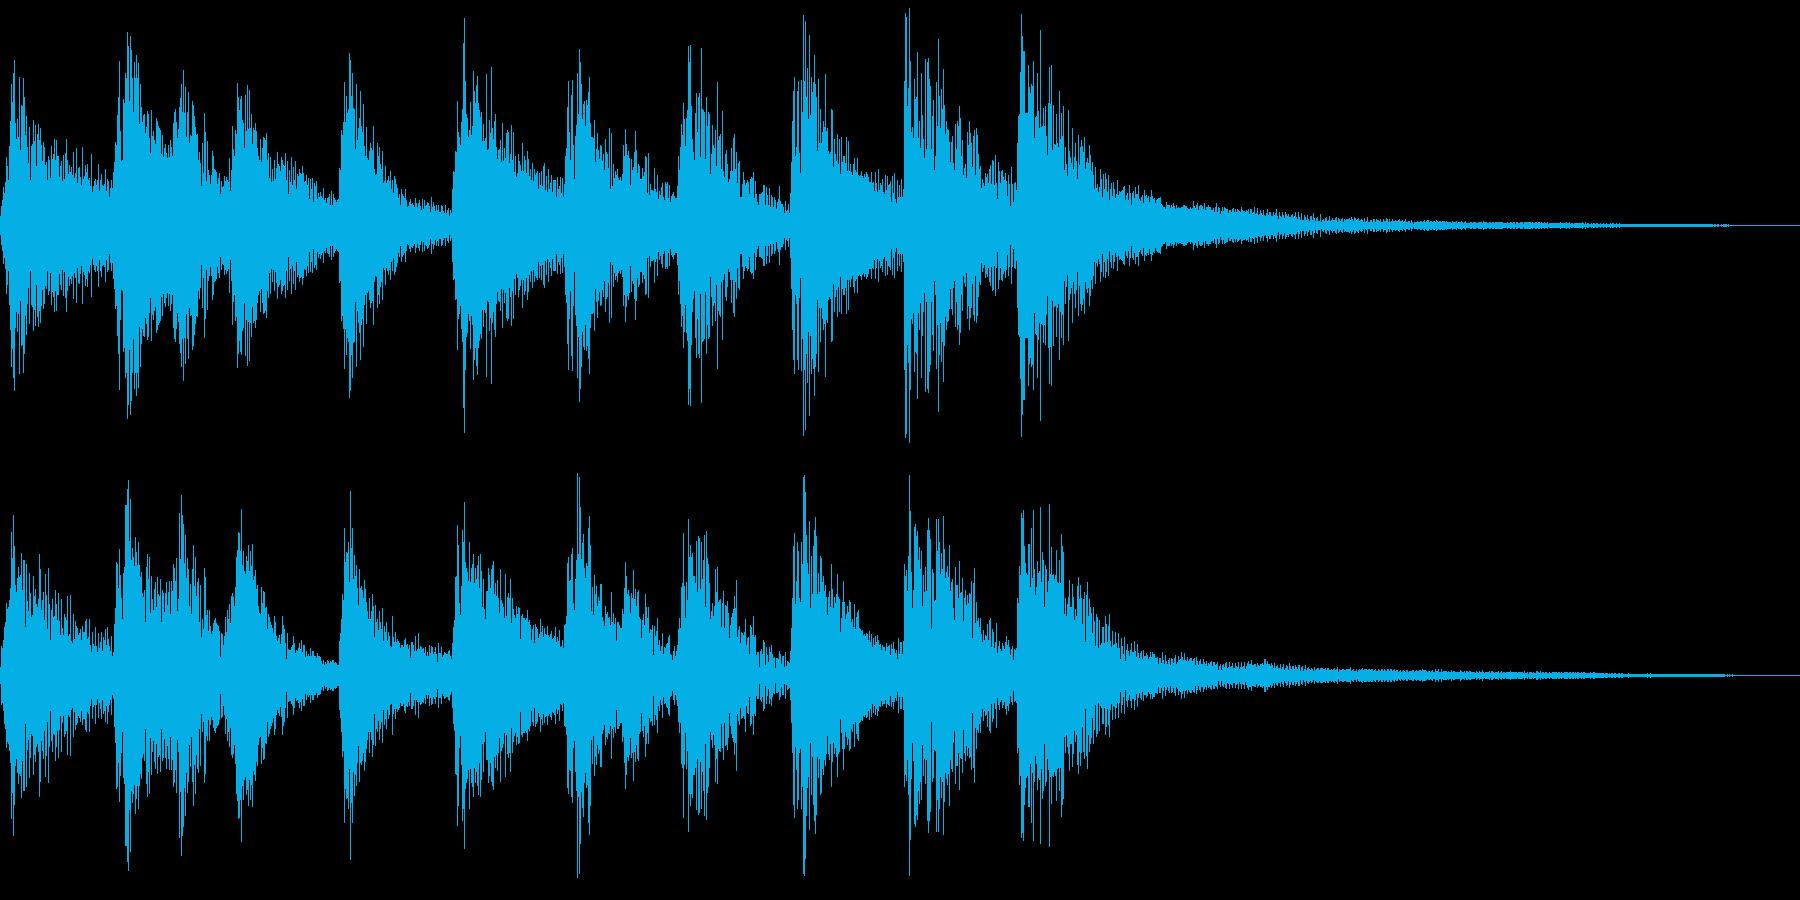 シンプルな三味線和風ジングルの再生済みの波形